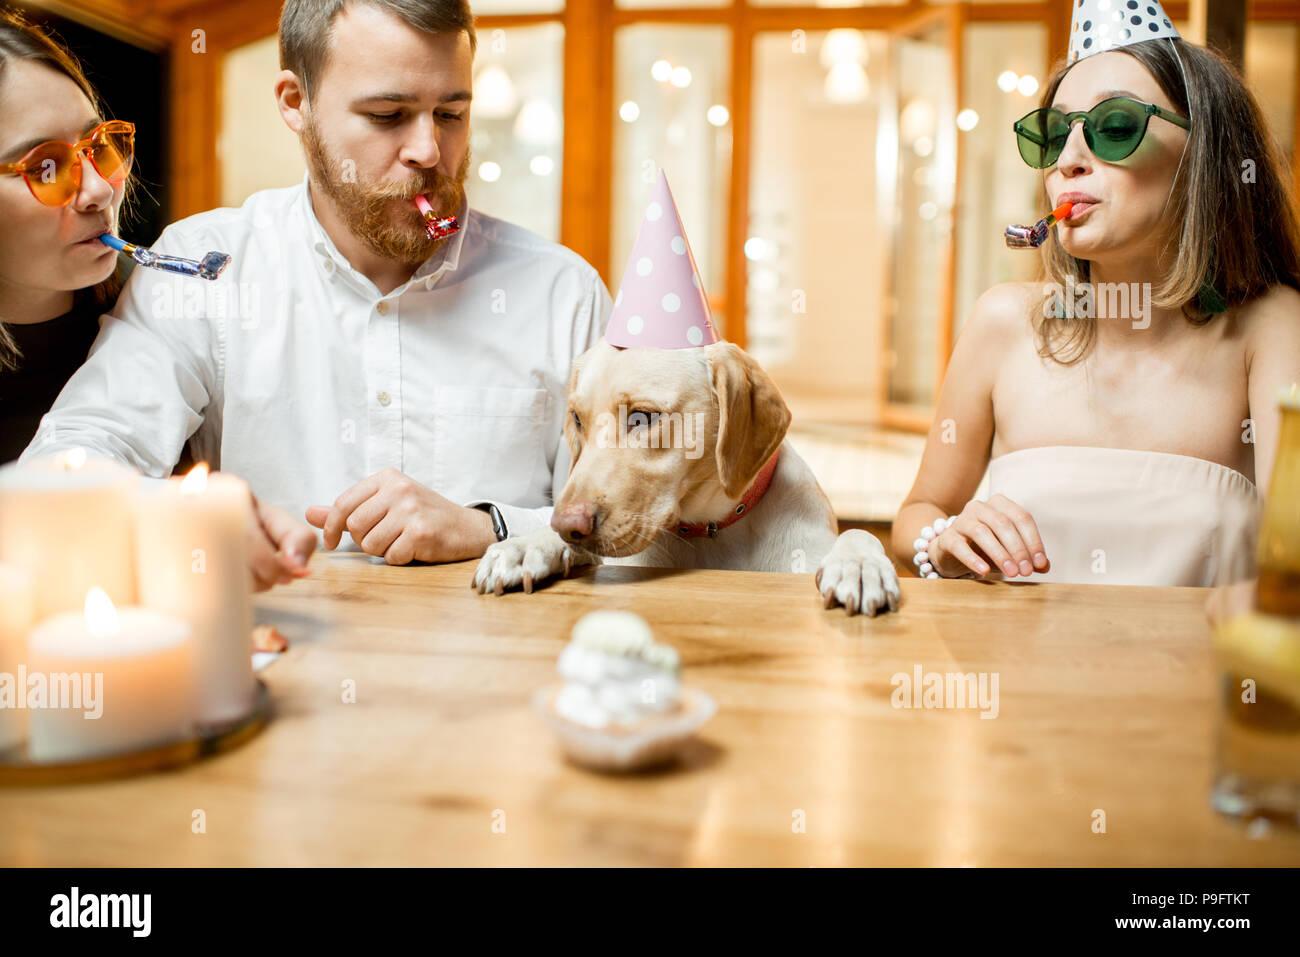 Les amis de célébrer l'anniversaire de chien Photo Stock